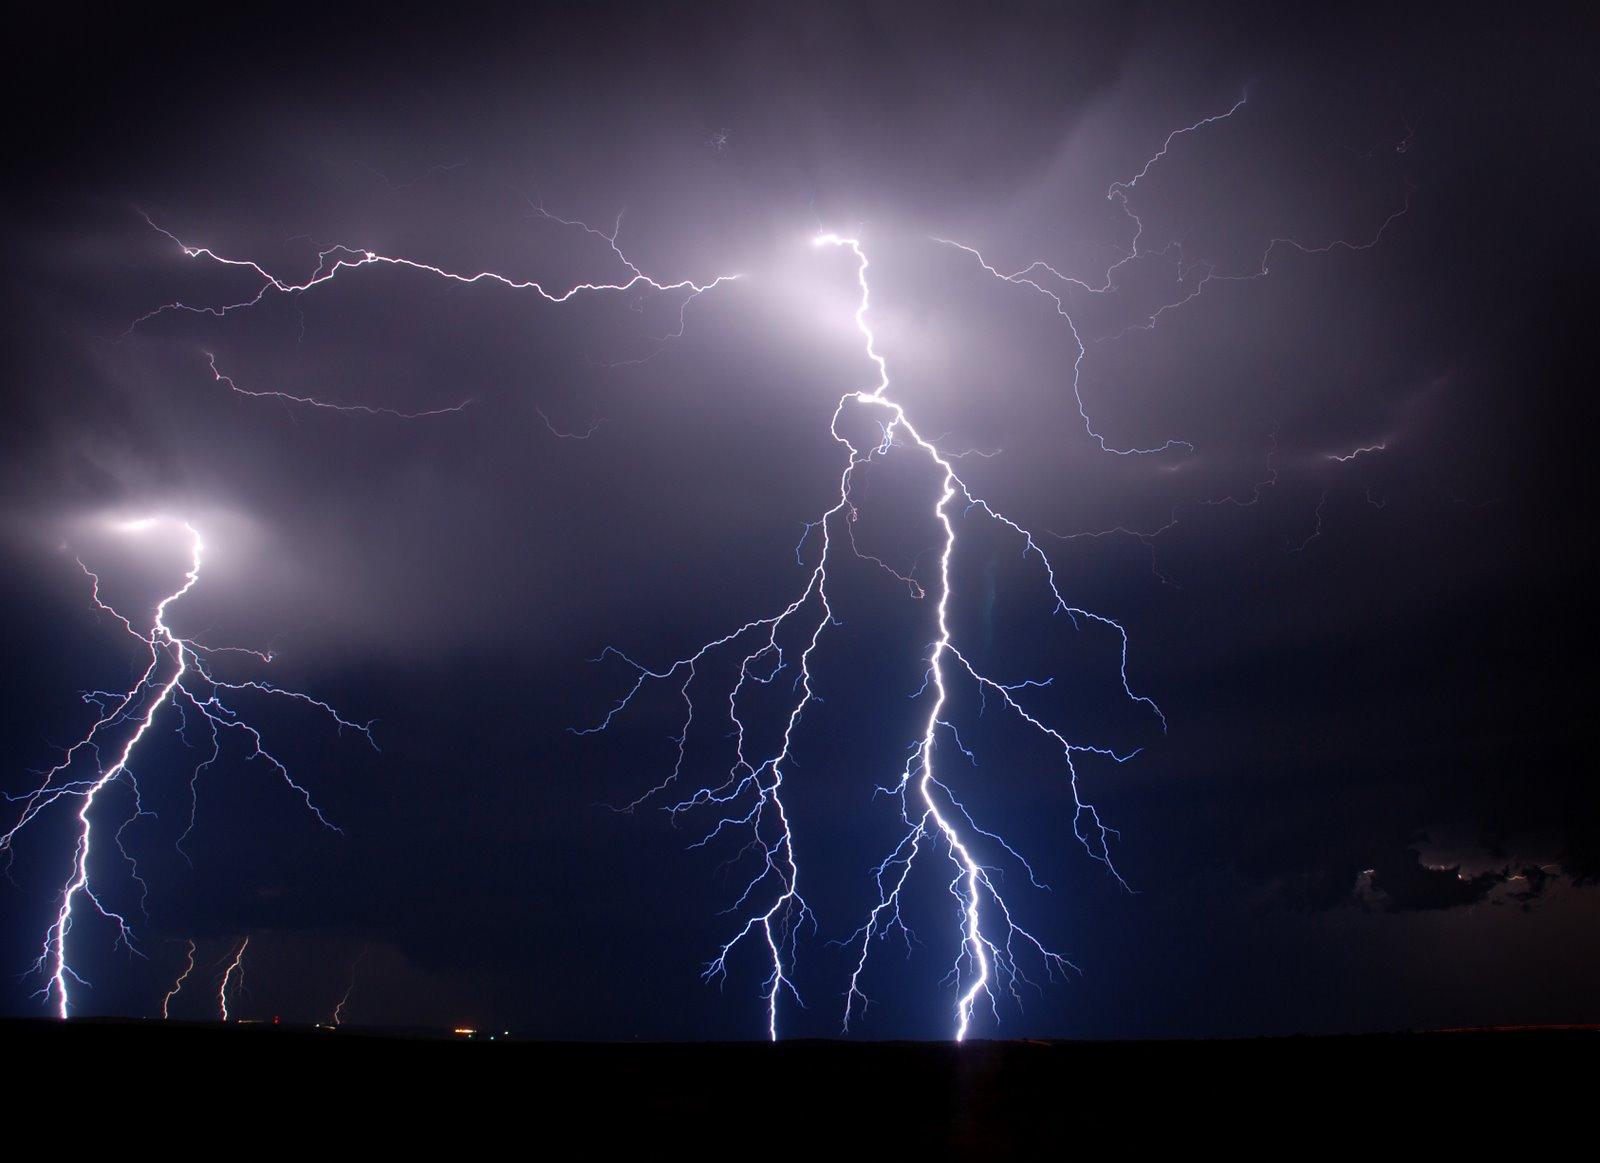 http://2.bp.blogspot.com/-Gdf34ZKCCjk/TtxmGh5R_eI/AAAAAAAABPc/DMZk3U8j6XM/s1600/lightning-wallpaper-4-706334.jpg